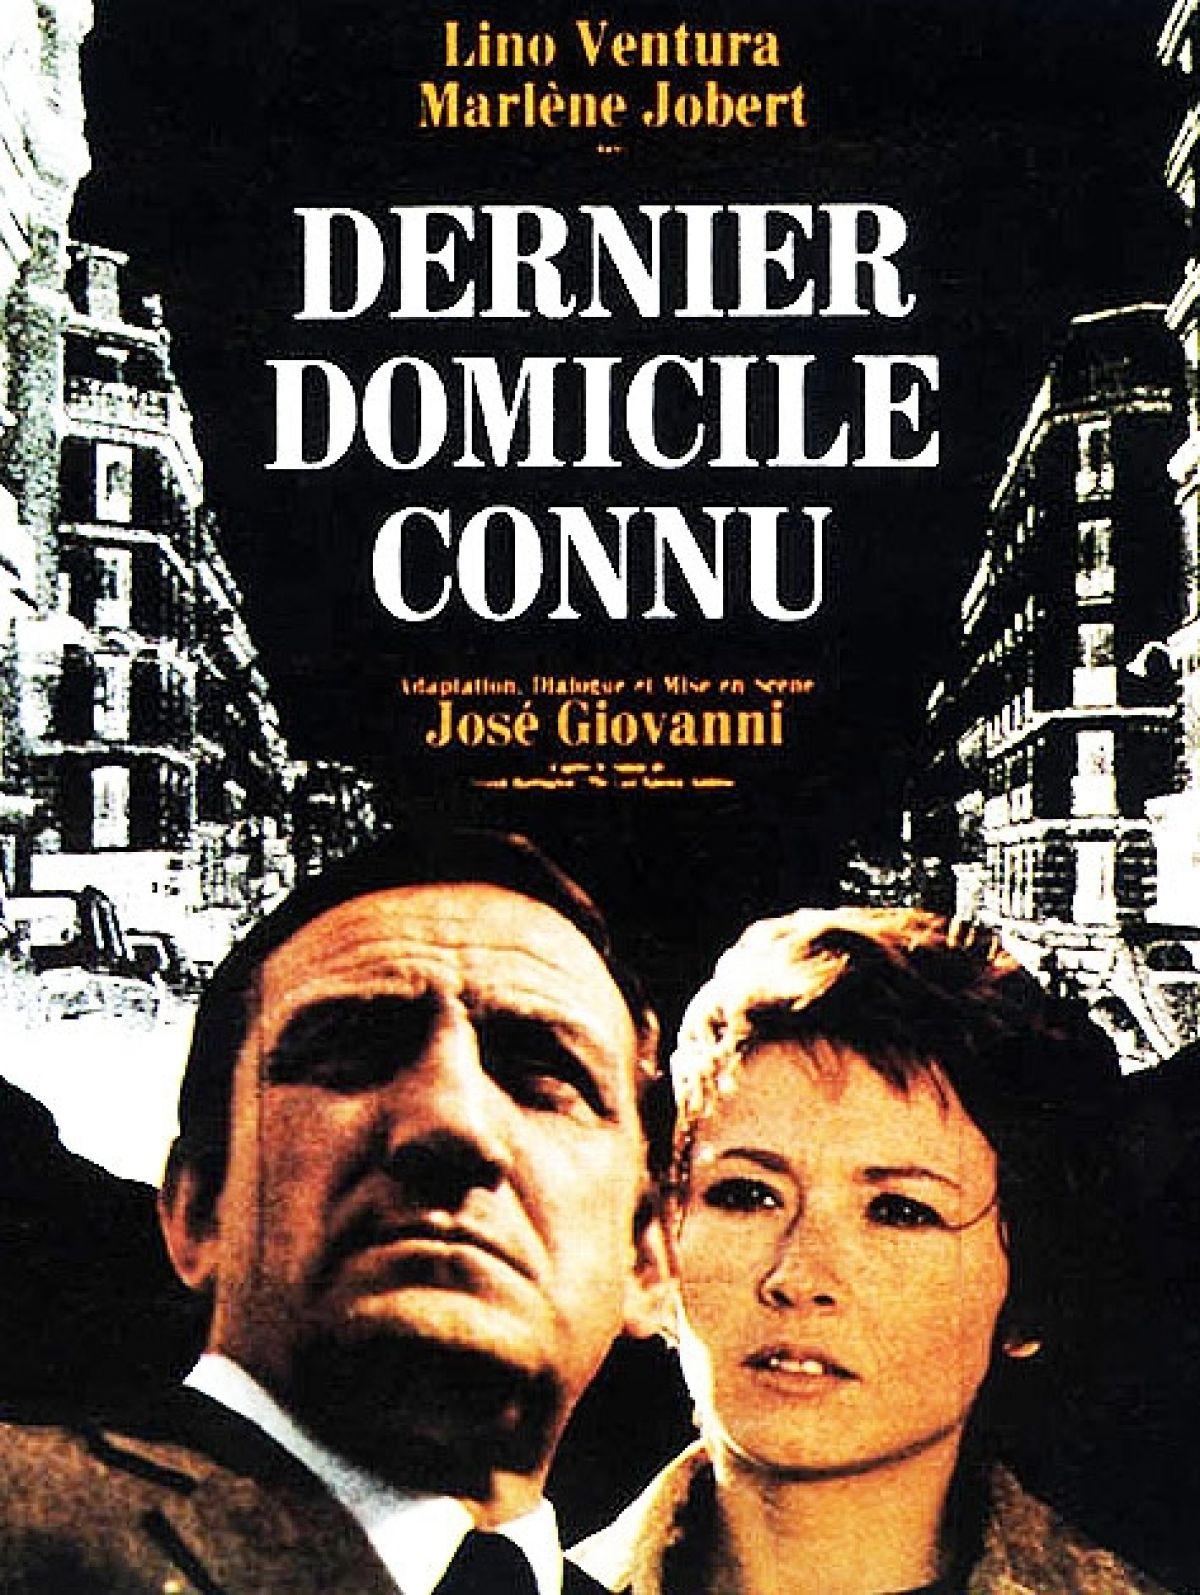 Dernier domicile connu à louer en dvd à Marseille : Dernier